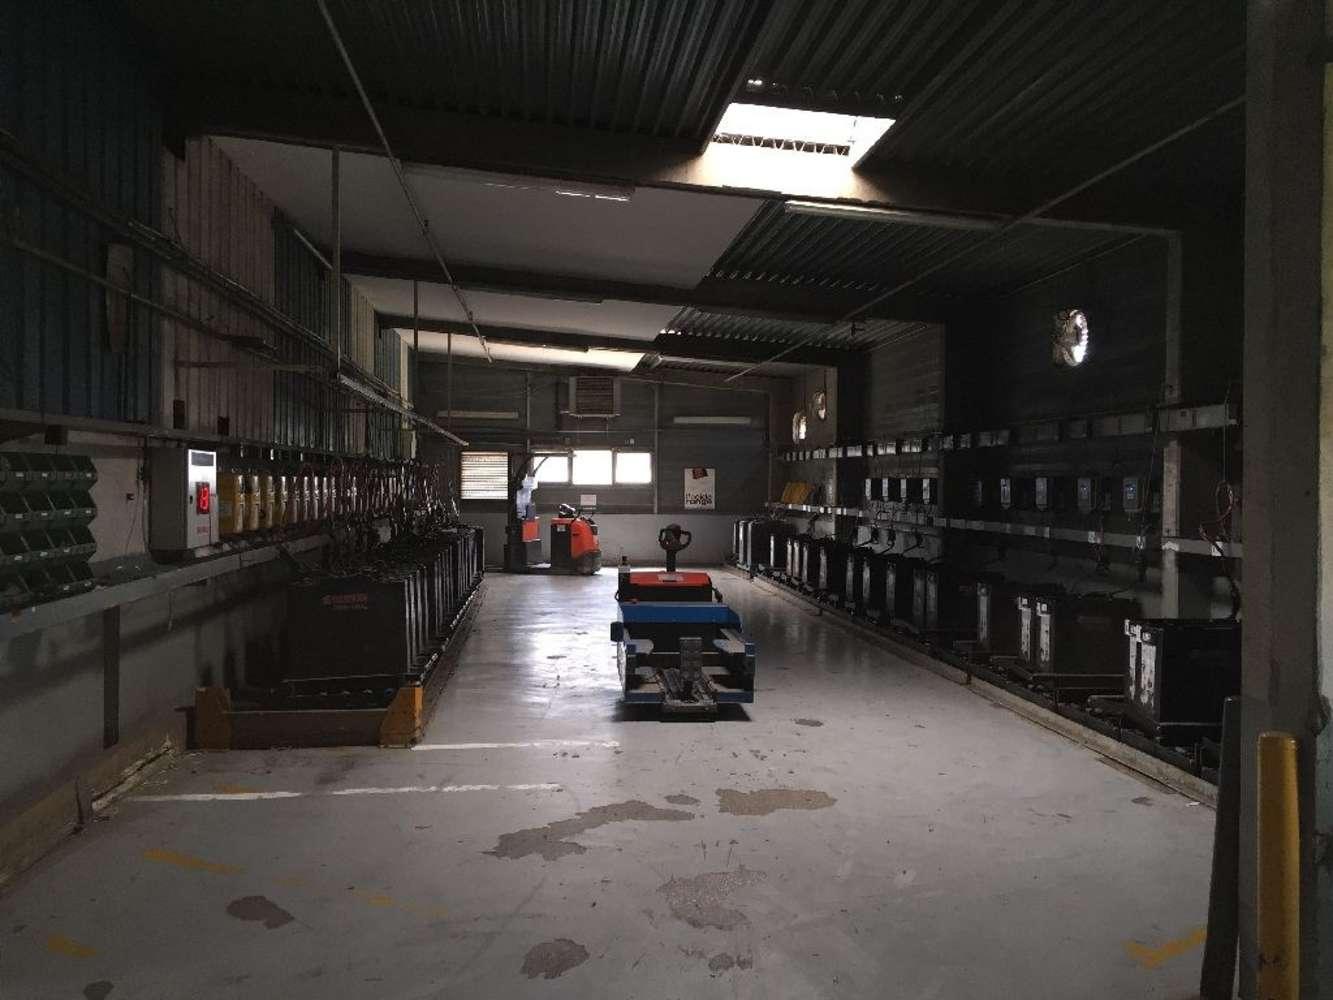 Plateformes logistiques Laiz, 01290 - Entrepôt logistique à louer - Ain (01) - 9461746